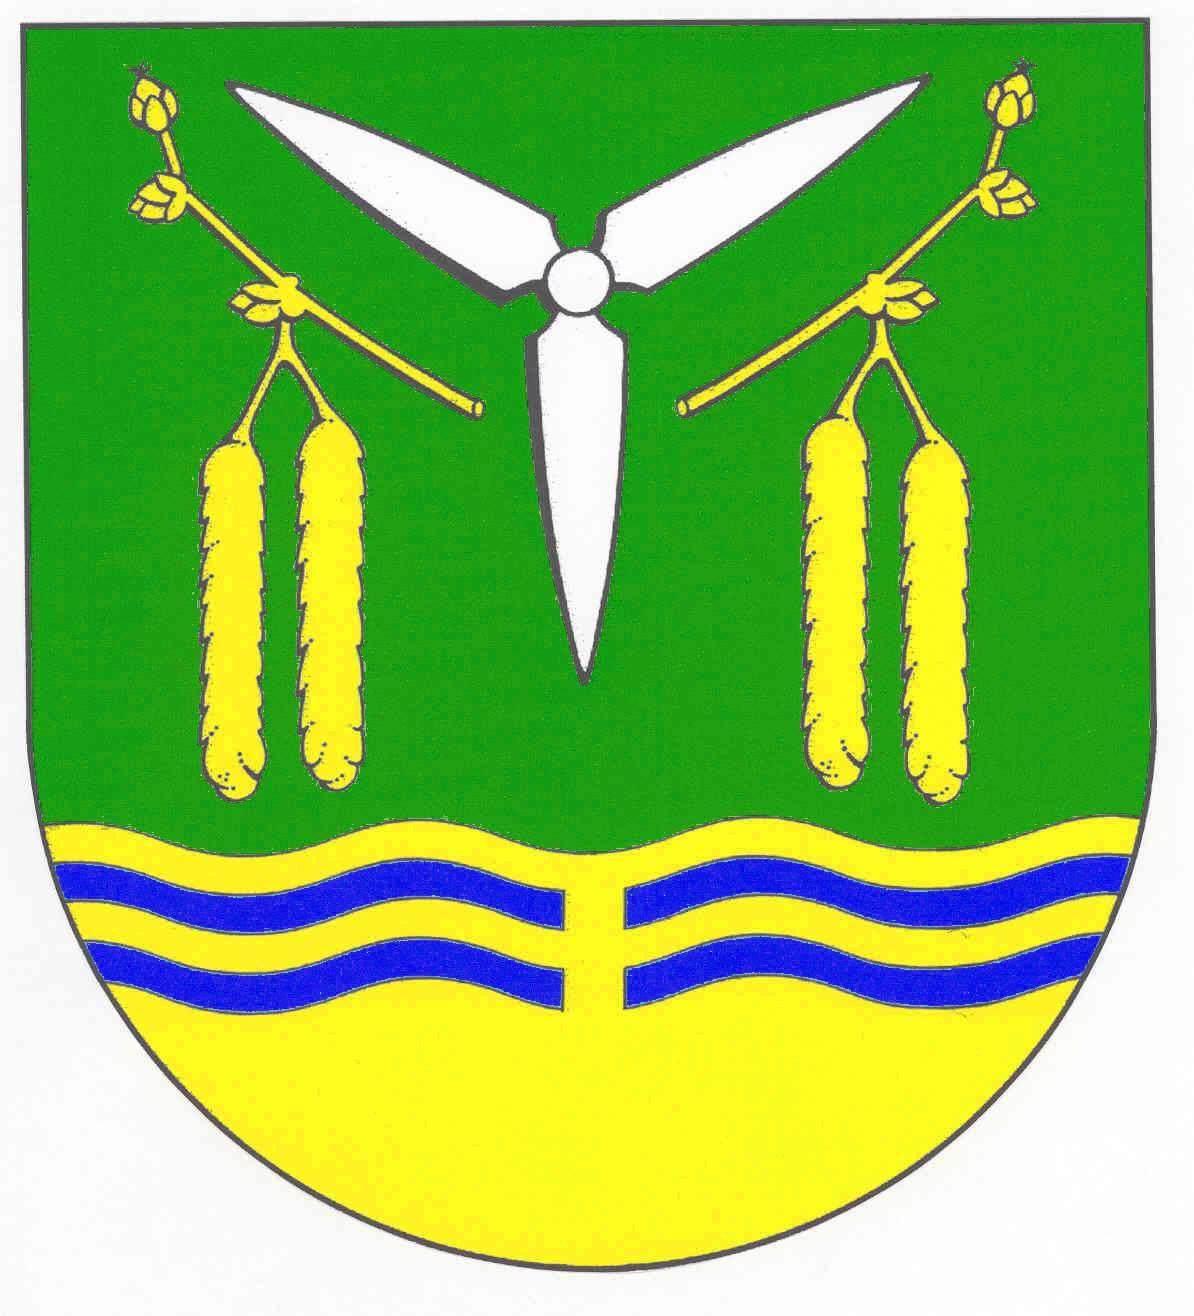 Wappen GemeindePuls, Kreis Steinburg